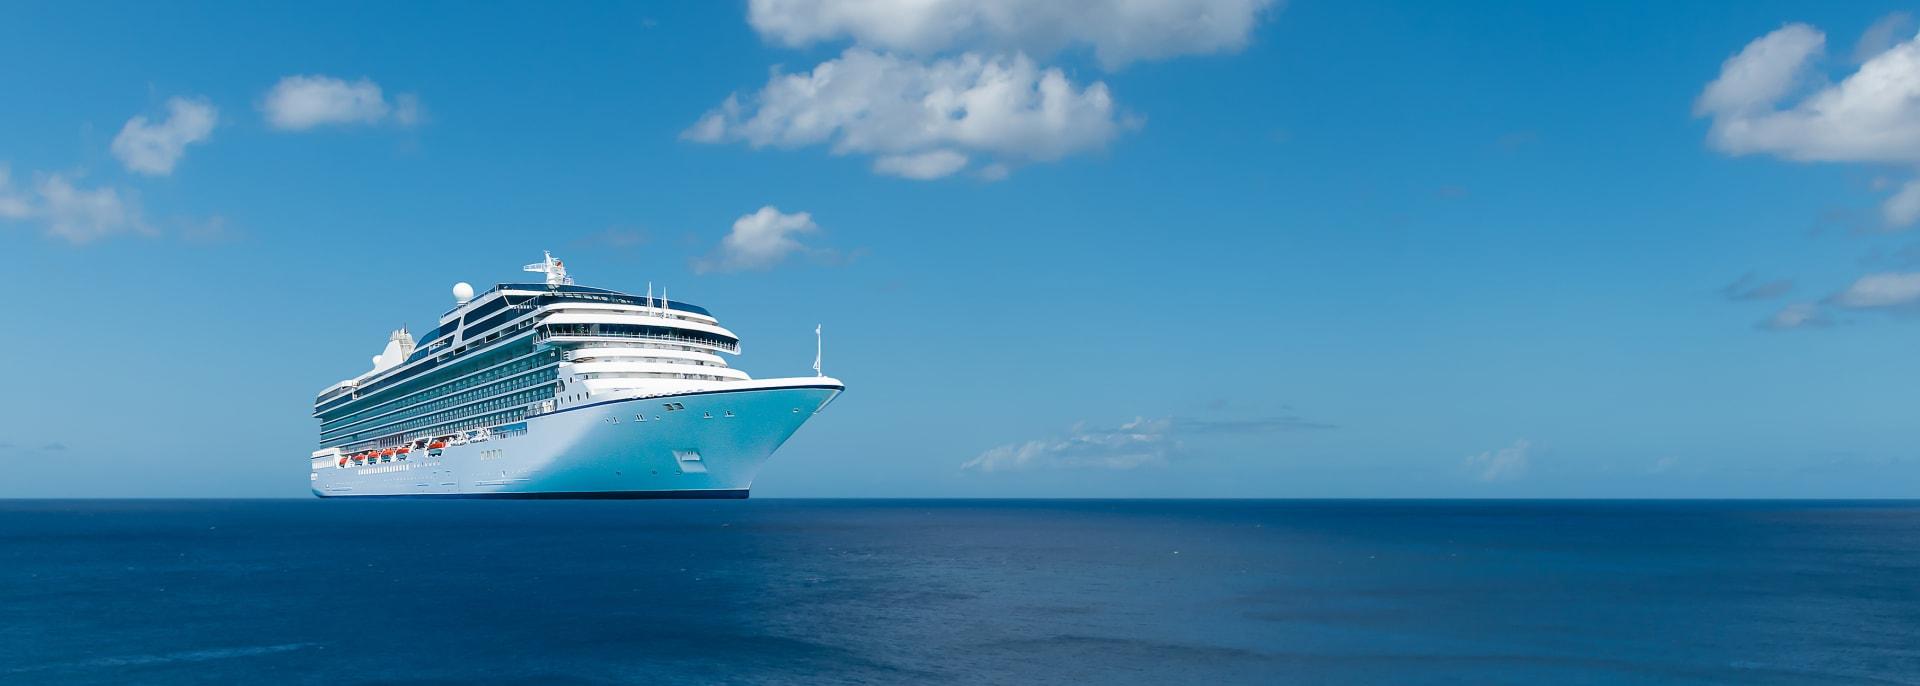 Kreuzfahrt durch den Atlantik